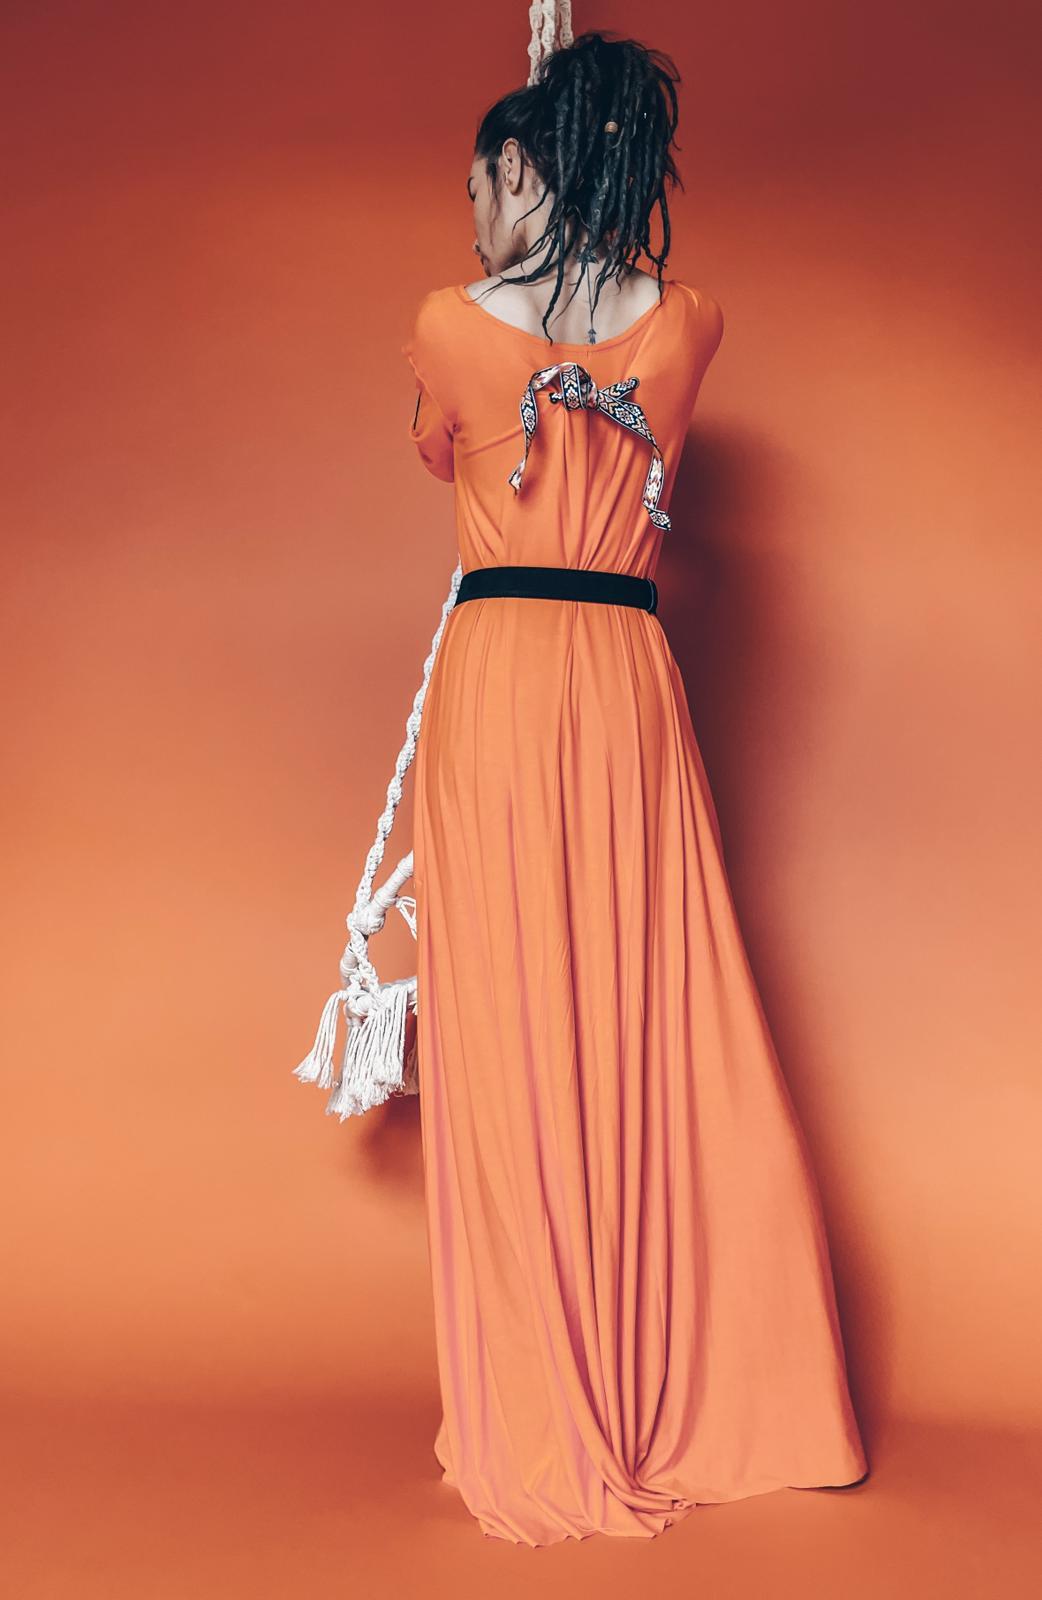 Sukienka Carmen przyjemna w dotyku duży dekolt odkryte ramiona pomarańczowa - Agi Jensen Design   JestemSlow.pl